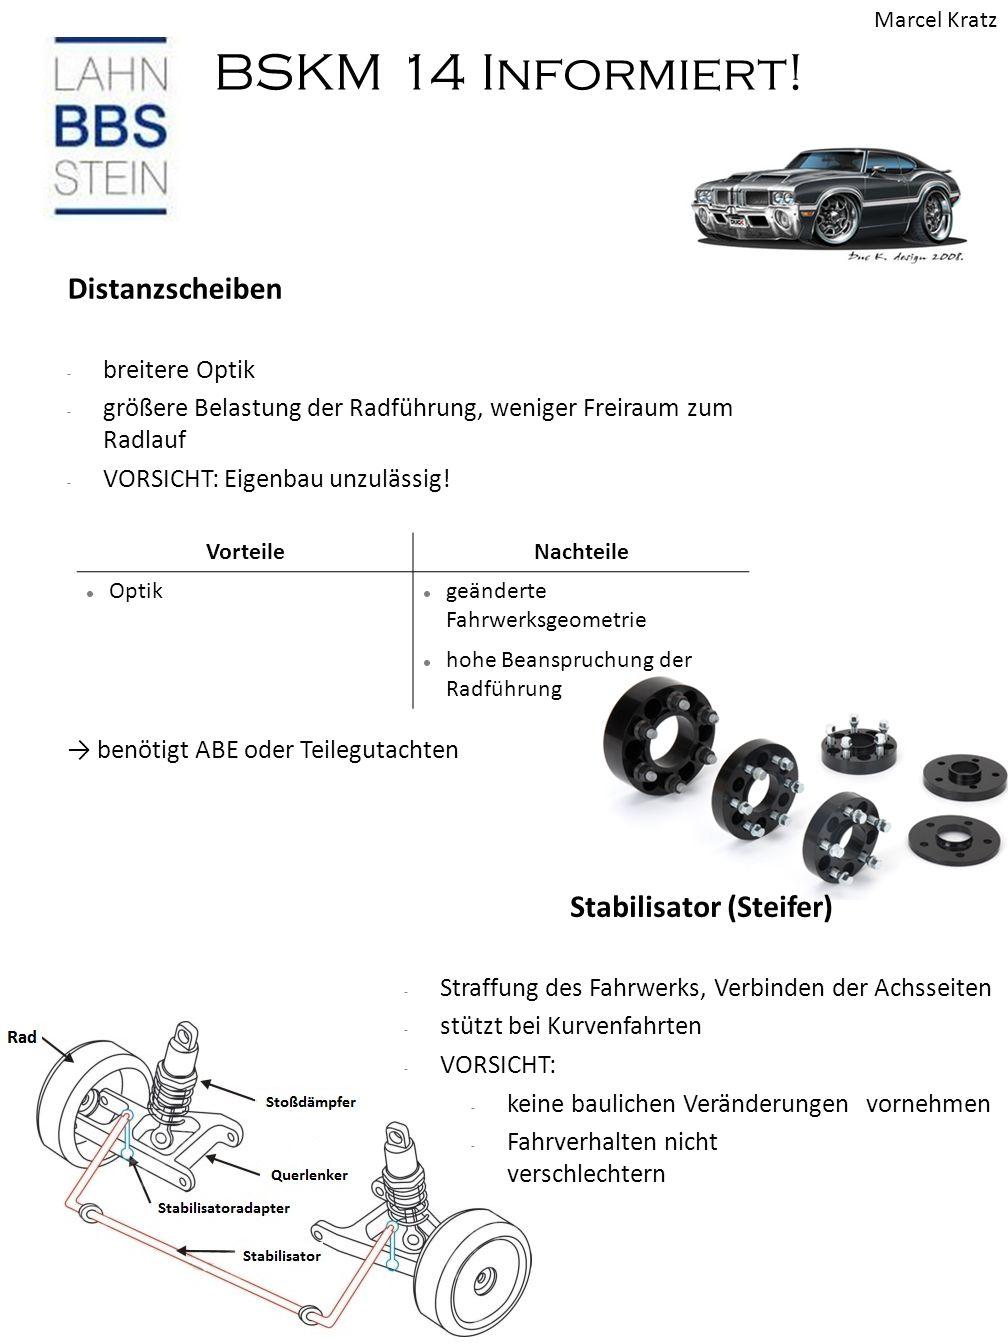 BSKM 14 Informiert! Distanzscheiben - breitere Optik - größere Belastung der Radführung, weniger Freiraum zum Radlauf - VORSICHT: Eigenbau unzulässig!